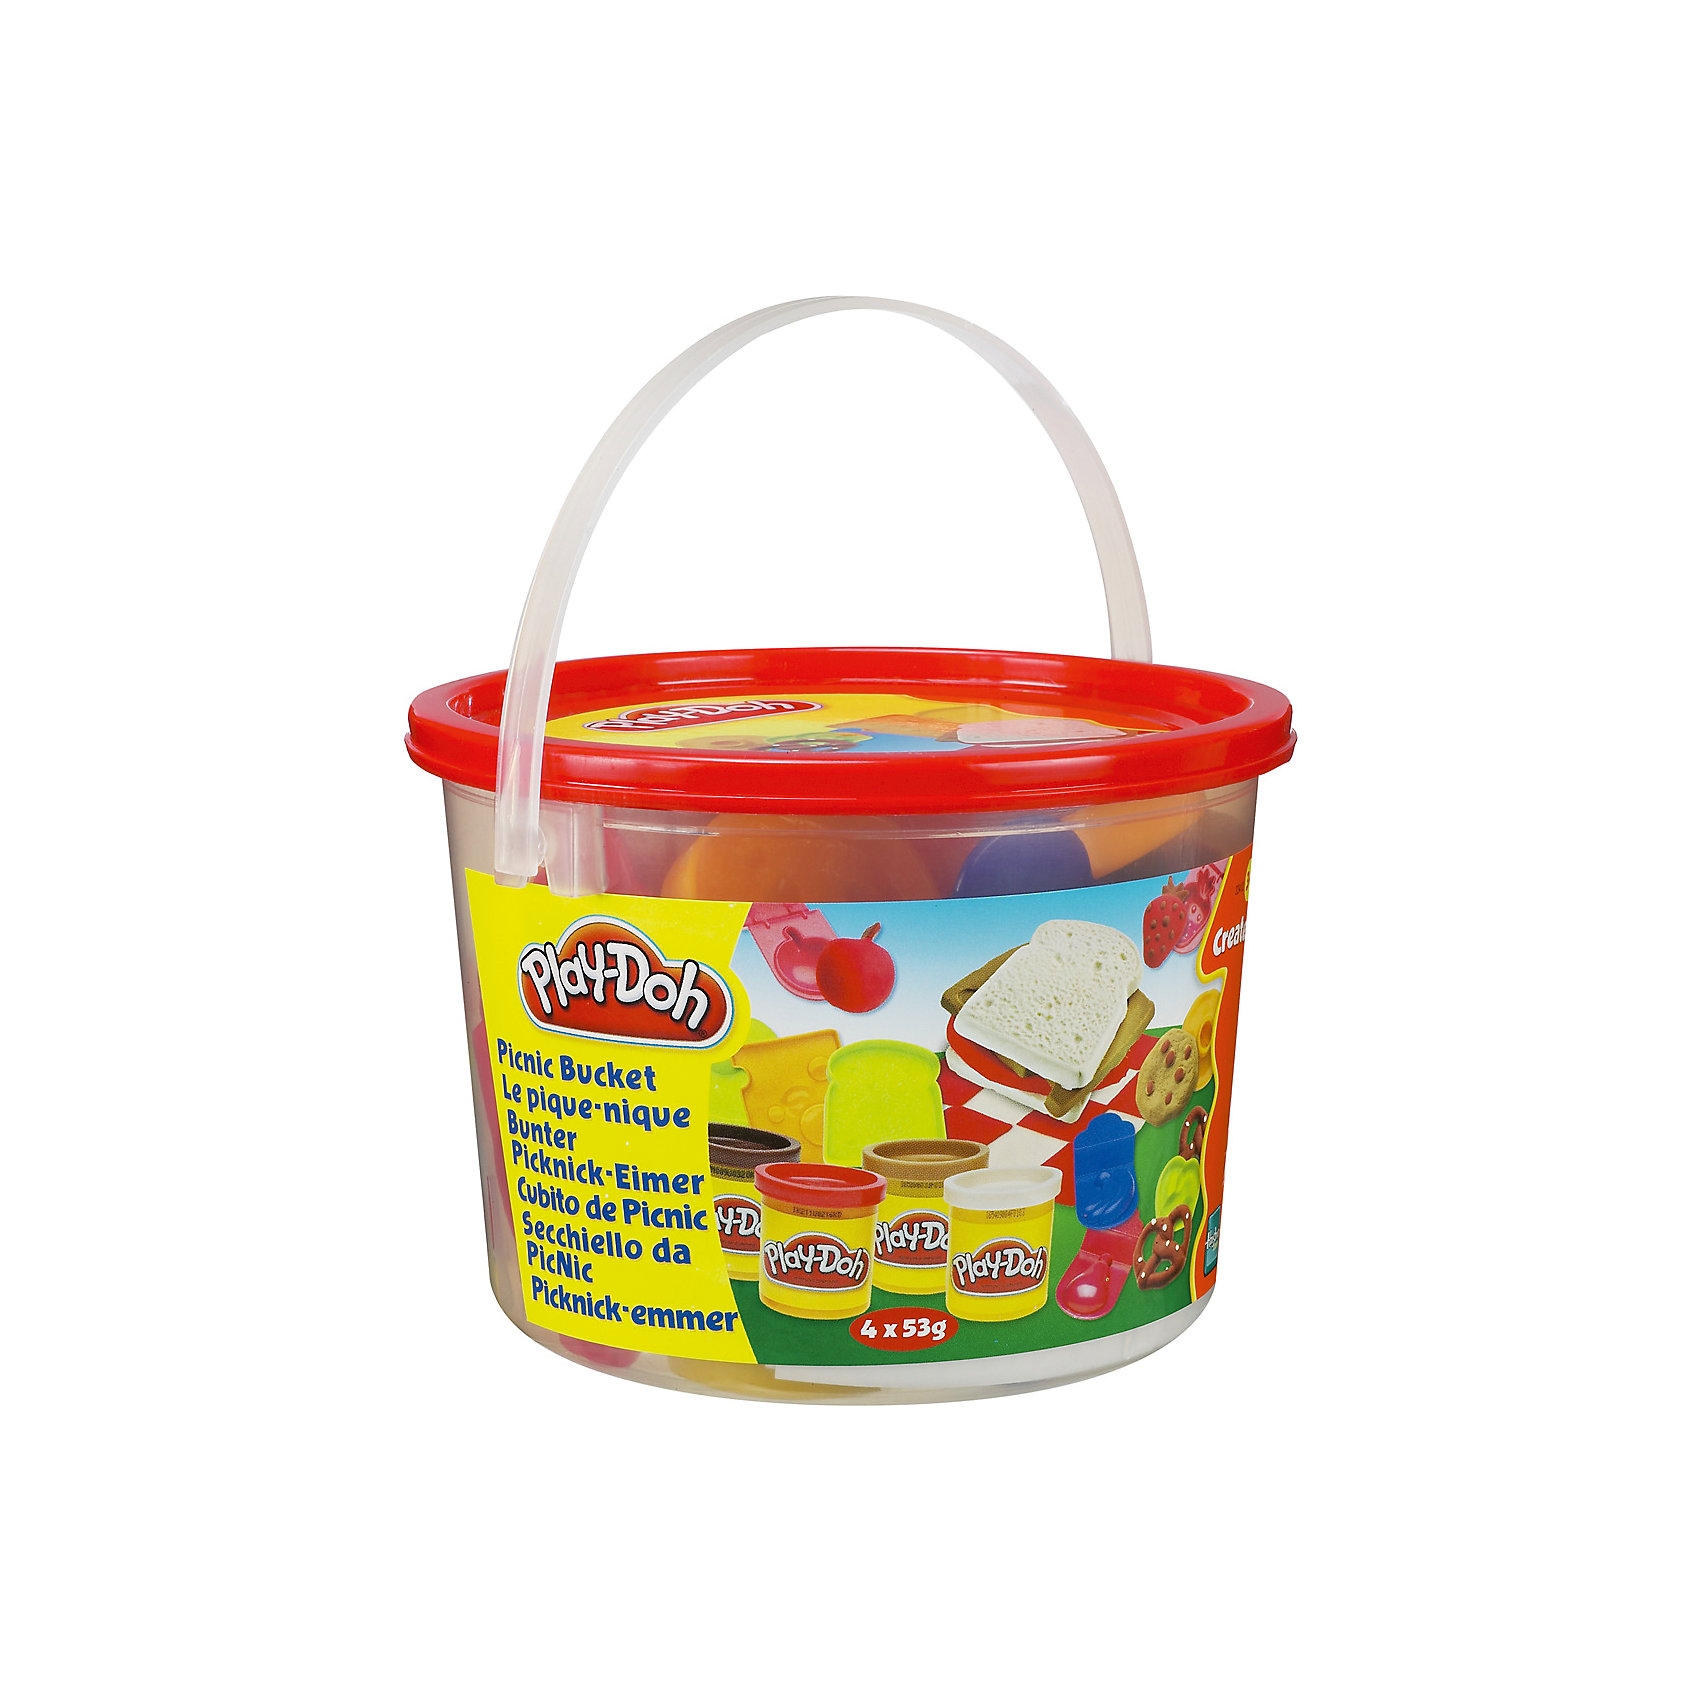 Тематический игровой набор Play-Doh ПикникНаборы для лепки<br>Игровой набор Ведерочко, Play-Doh<br><br>Характеристики:<br><br>- в набор входит: 4 цвета теста, 9 формочек, ведерко<br>- состав: вода, мука, соль, красители<br>- размер упаковки: 14,5 * 10 * 14,5 см.<br>- вес: 226 гр.<br>- для детей в возрасте: от 3 до 6 лет<br>- Страна производитель: Китай<br><br>Тесто для лепки Play-Doh (Плей-До) от известного американского производителя товаров для детей Hasbro (Хасбро) понравится детям, которые знакомятся с лепкой. Мягкое, безопасное, нетоксичное тесто состоит из натуральных компонентов, не прилипает к пальчикам и прекрасно смешивается между собой. Этот набор отличается своей оригинальной тематикой и понравится детишкам интересующимся кухней. <br><br>В удобном для хранения ведерке лежат четыре отдельные закрывающиеся  баночки со светло-коричневым, темно-коричневым, красным и белым тестом. Так же в набор входят разные интересные формочки, такие как: формочка для ветчины или колбасы, формочка хлеба, для печенья, кренделька, сыра, бананов, яблока, клубники и груши. Цвета теста можно легко комбинировать между собой и смешивать, можно купить любое тесто для лепки Play-Doh (Плей-До) и оно сможет смешаться с тестом из набора. <br><br>Не рекомендуется хранить тесто для лепки на открытом воздухе. Работа с тестом для лепки помогает развить моторику ручек, внимание, творческие способности, тактильное и цветовое восприятие, поможет научиться смешивать цвета и добиться аккуратности в работе с формочками. <br><br>Игровой набор Ведерочко, Play-Doh можно купить в нашем интернет-магазине.<br><br>Ширина мм: 145<br>Глубина мм: 145<br>Высота мм: 105<br>Вес г: 372<br>Возраст от месяцев: 36<br>Возраст до месяцев: 120<br>Пол: Унисекс<br>Возраст: Детский<br>SKU: 5385710